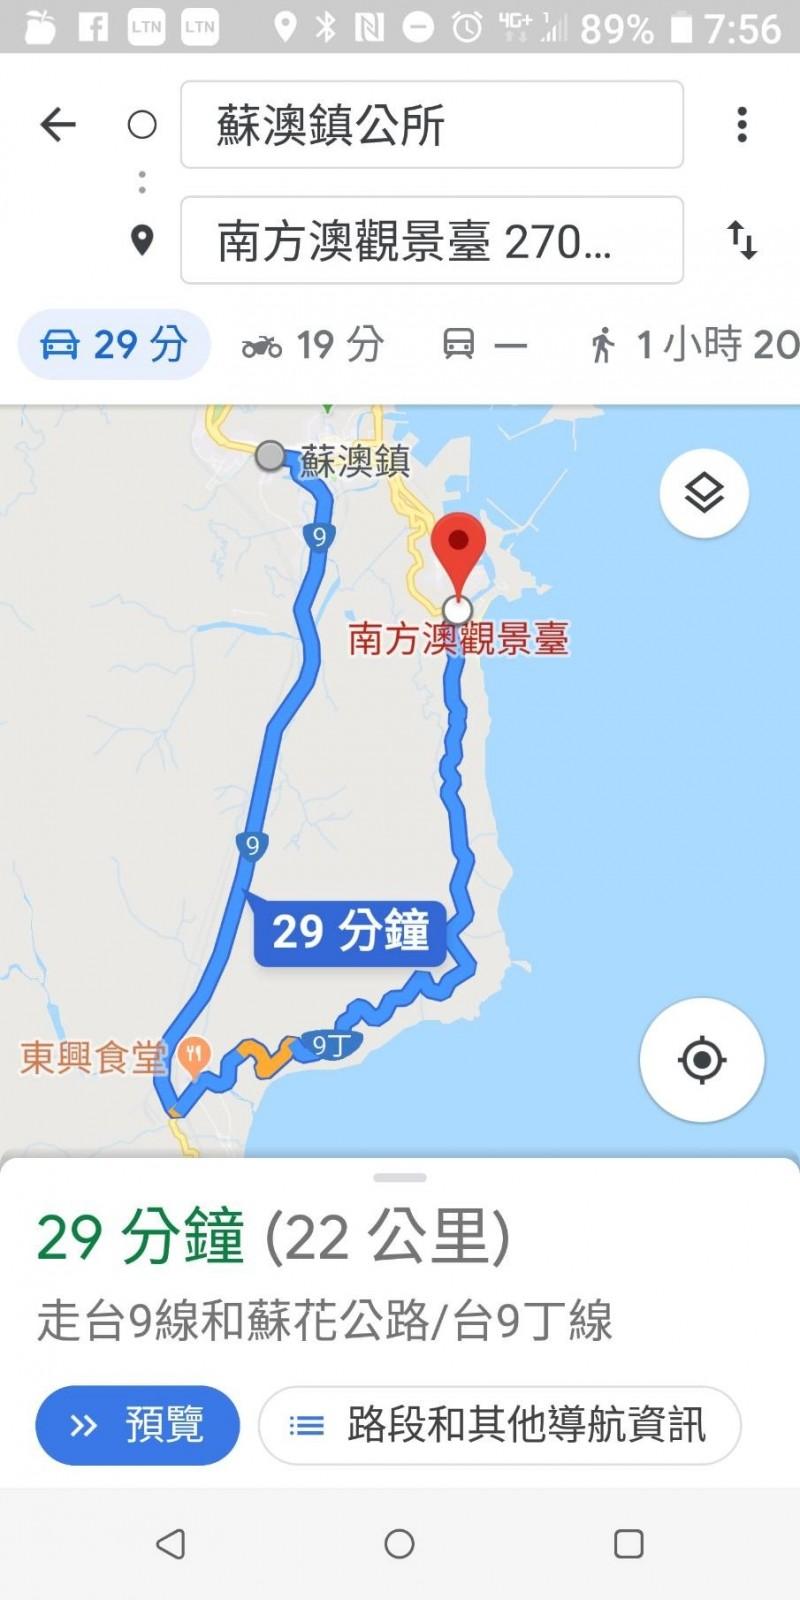 記者從蘇澳鎮公所定位,google maps建議走蘇花改抵達東澳後,再走台9丁抵達觀景台。(翻攝自google maps)